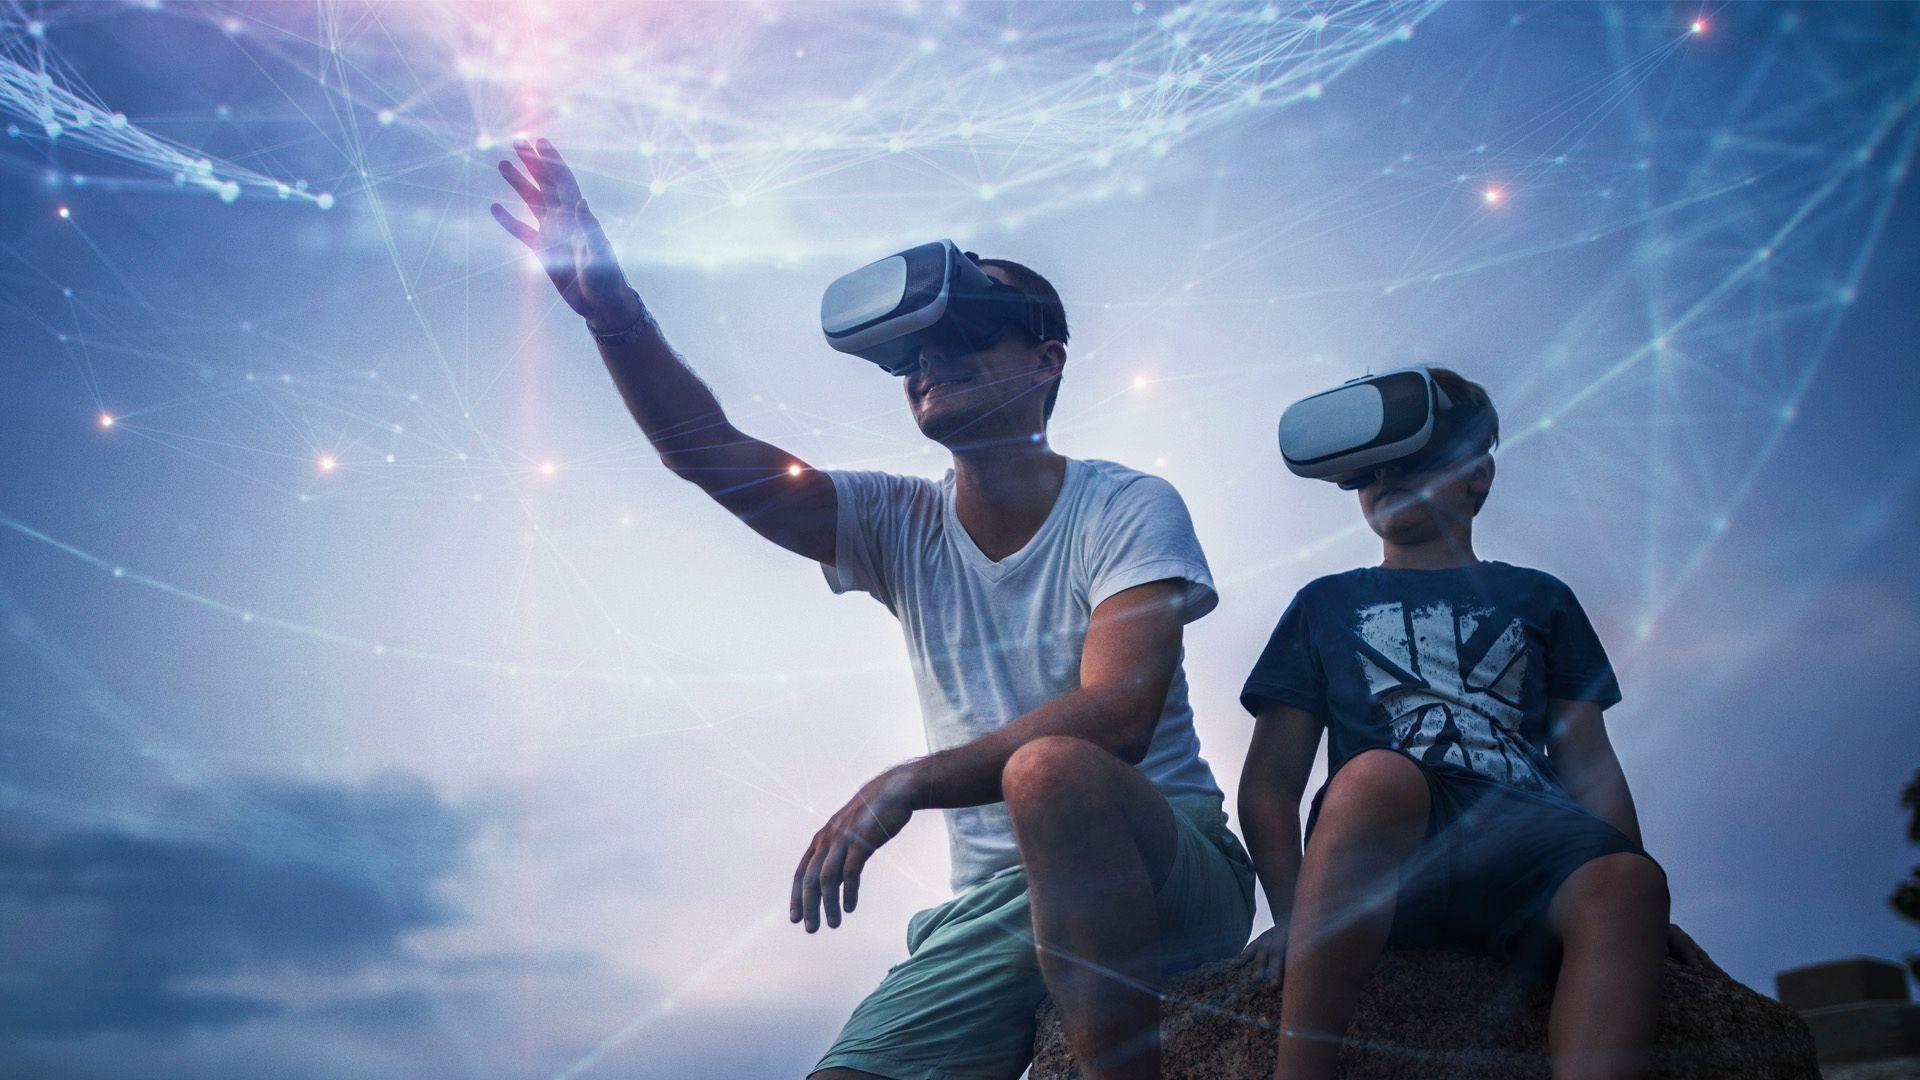 Tu centro de realidad virtual en Coruña